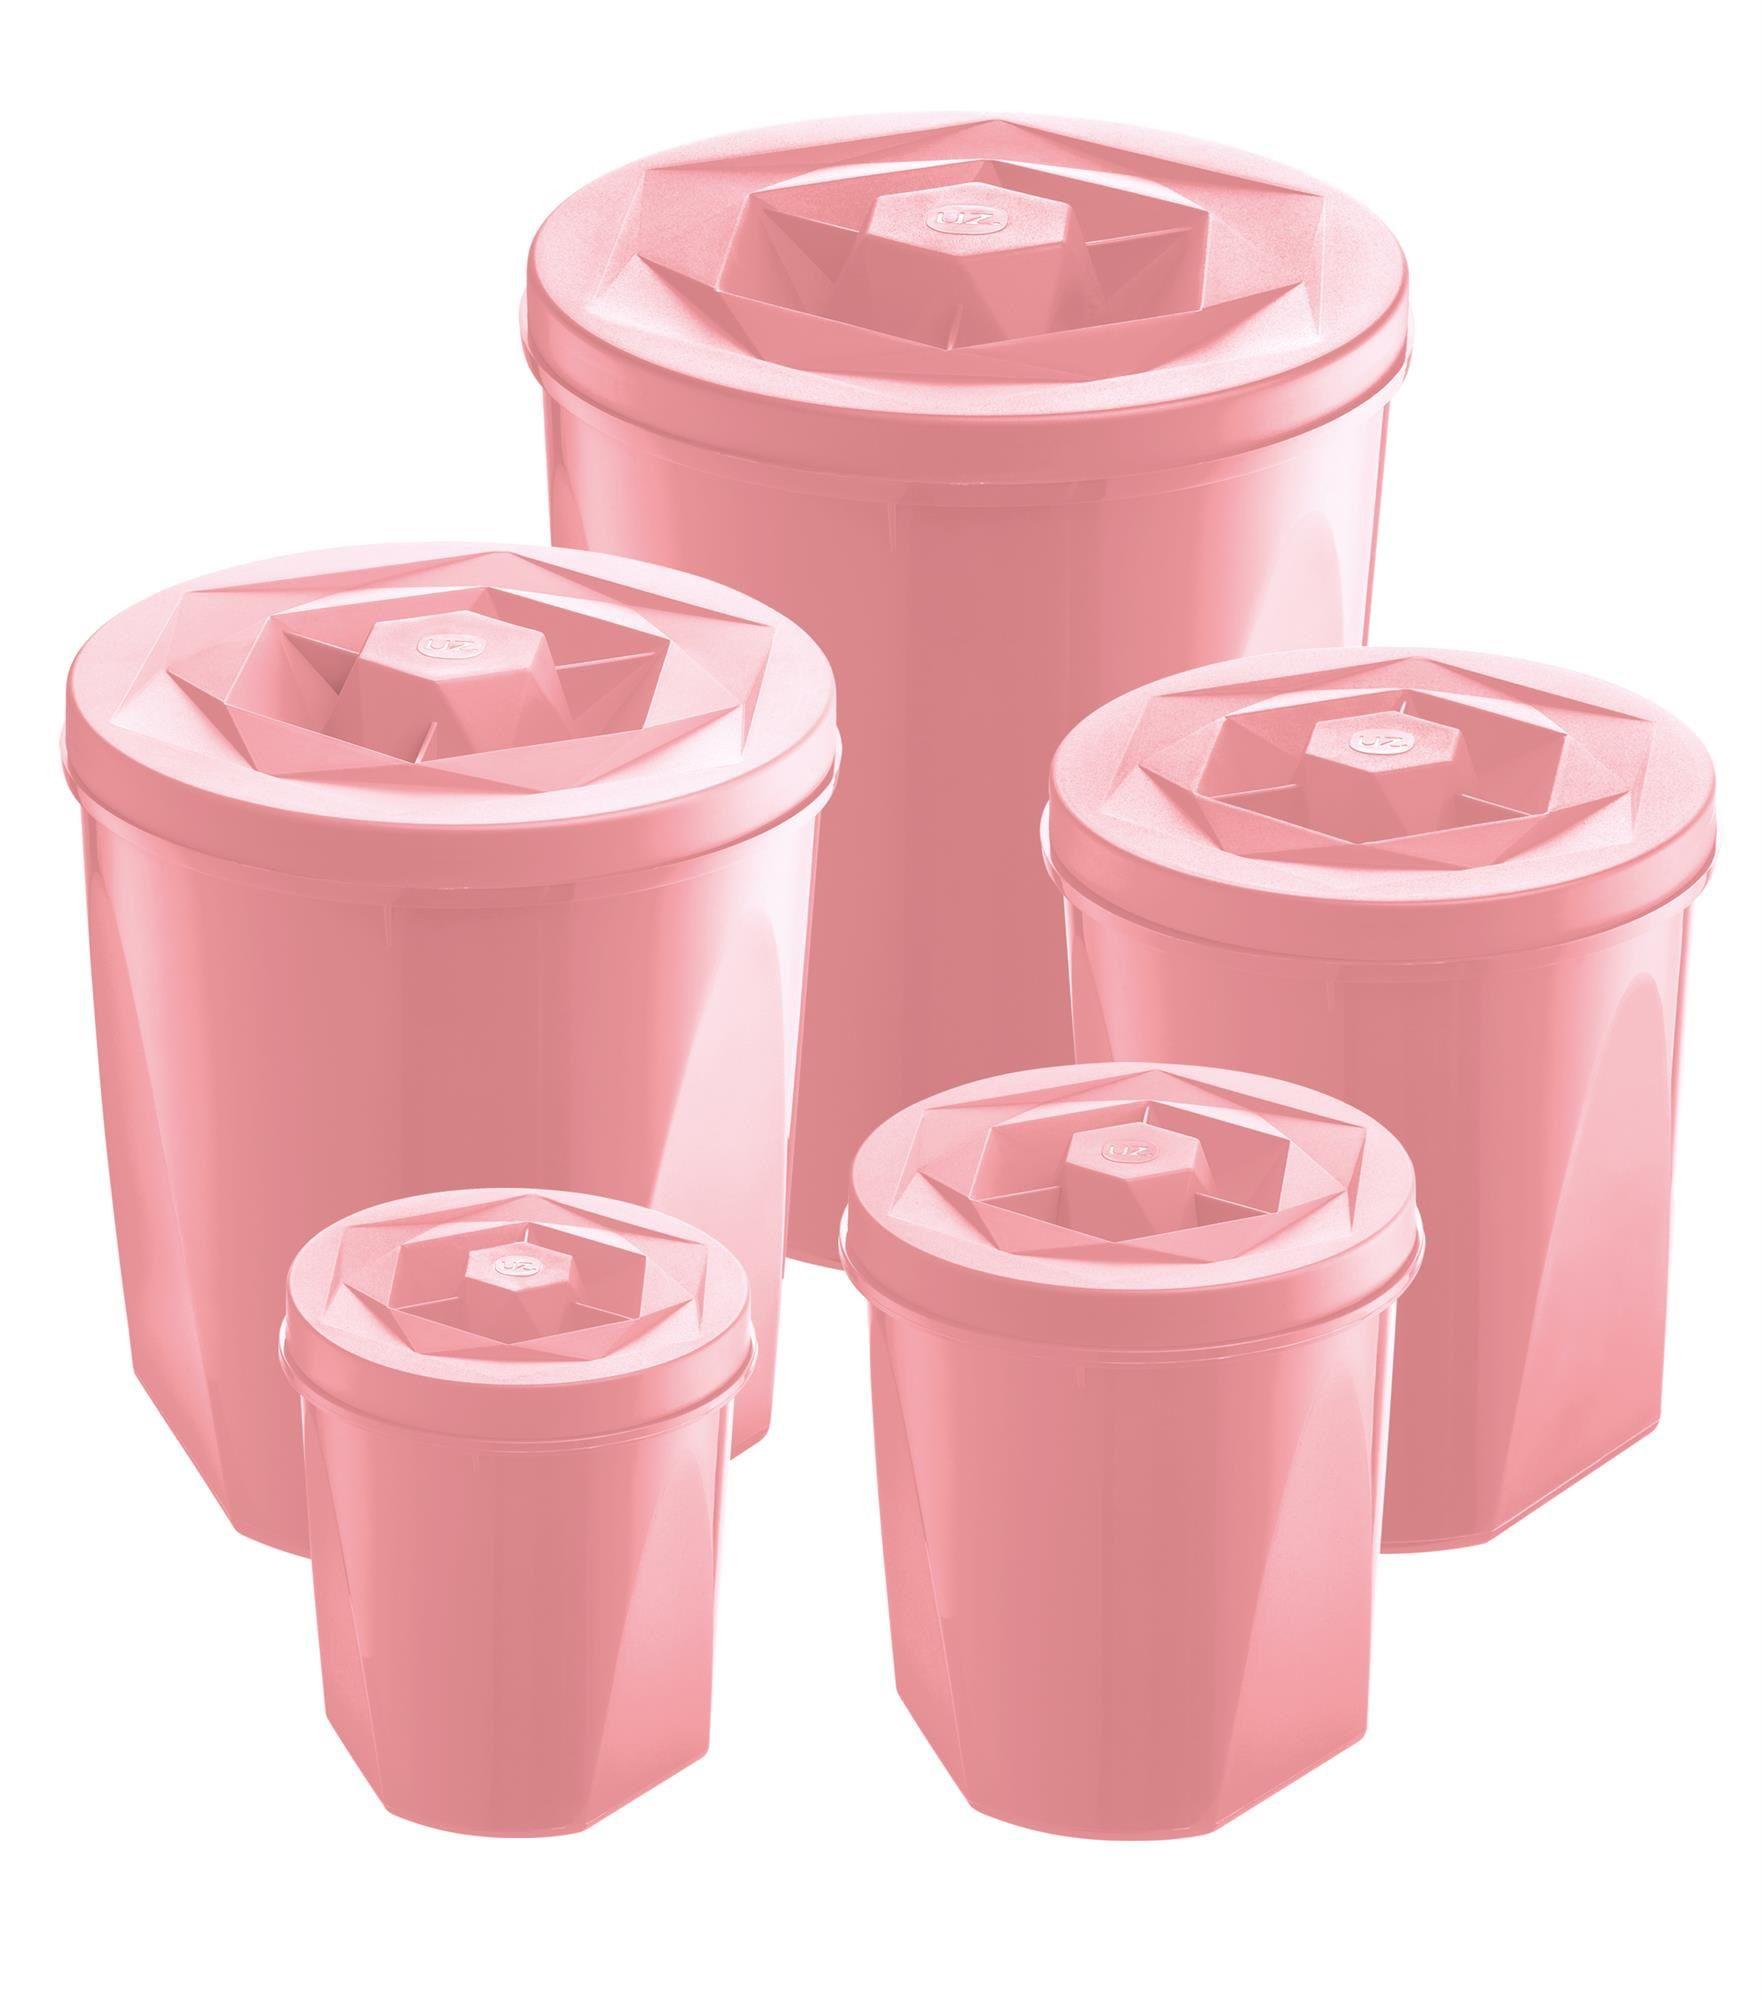 Jogo de Potes Porta Mantimentos 5 Peças Plástico Color Com Tampa de Rosca UZ Utilidades Rosa